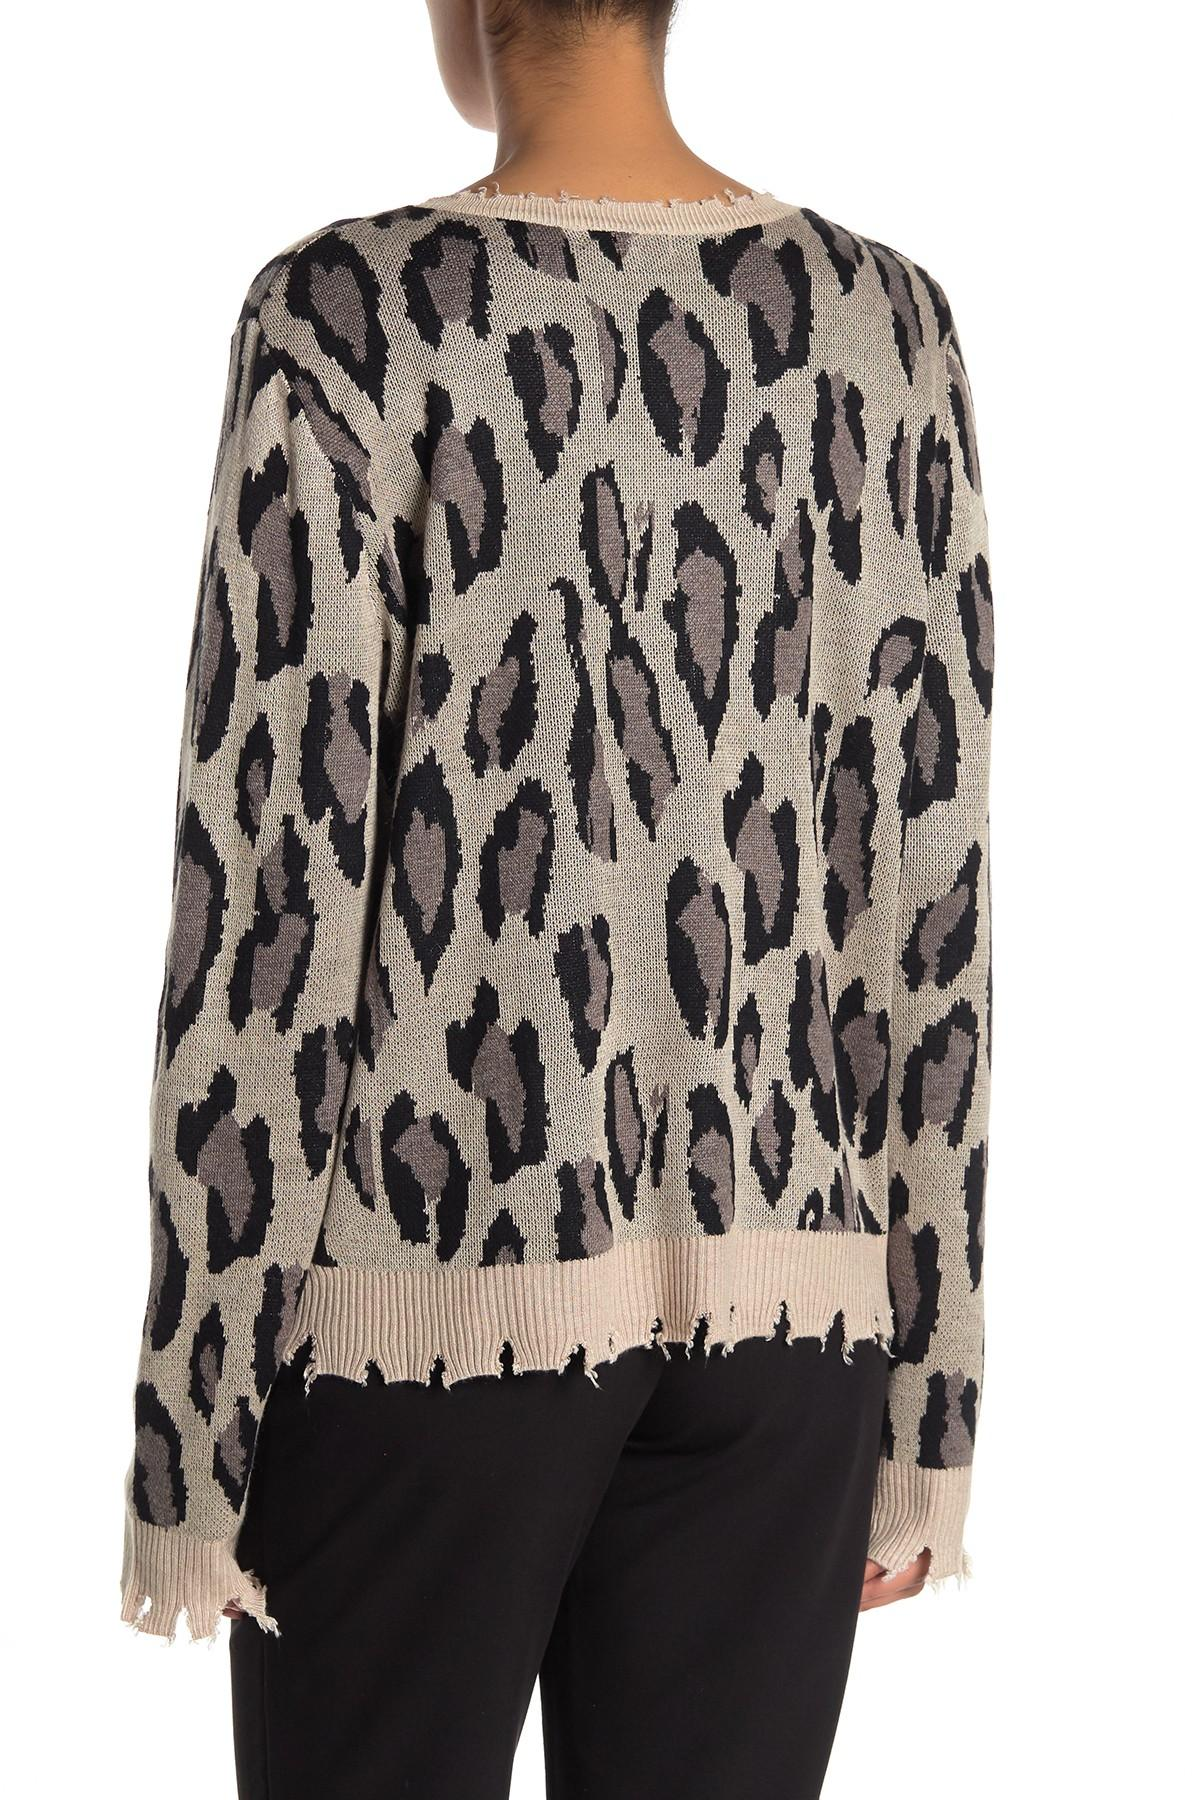 2c6154af57c4 Fate Distressed Leopard Print Sweater in Black - Lyst